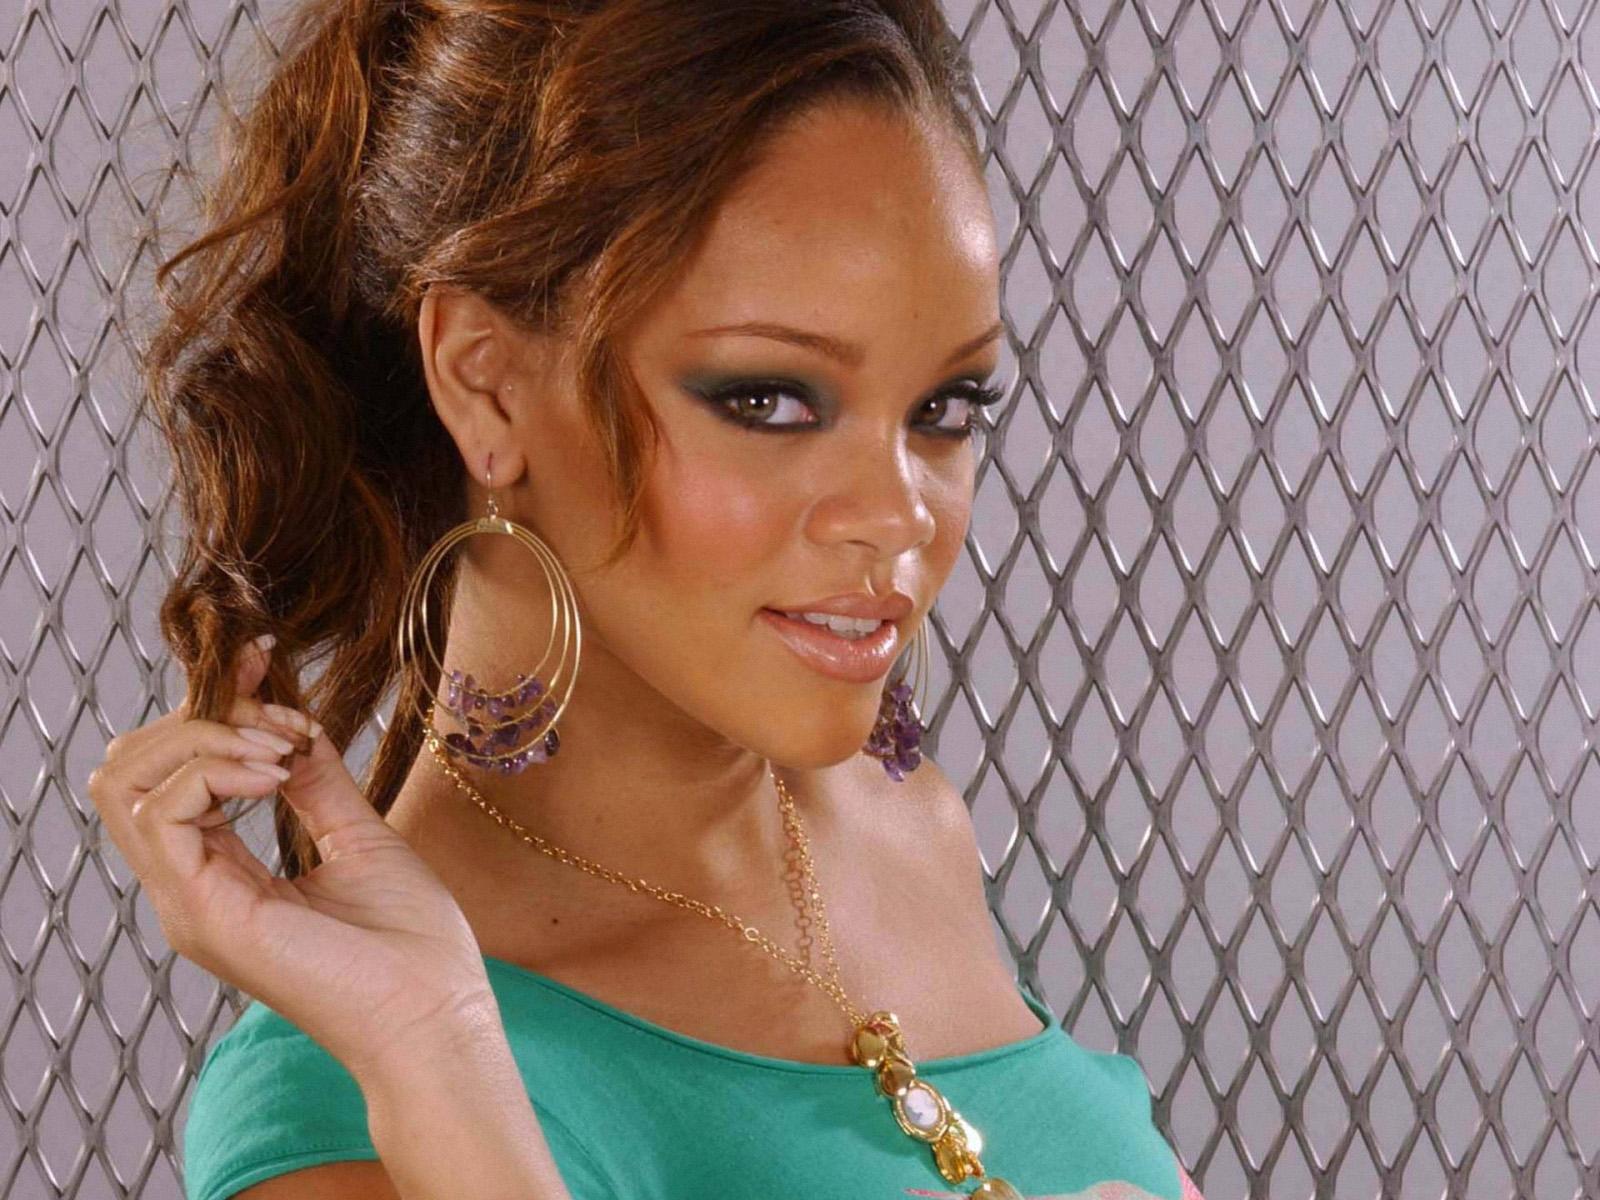 http://4.bp.blogspot.com/-t54OsWdxh18/TyaehAdpjmI/AAAAAAAAC4I/jmv4Y8O-Swg/s1600/Rihanna-wallpapers-For-Background-3.jpg